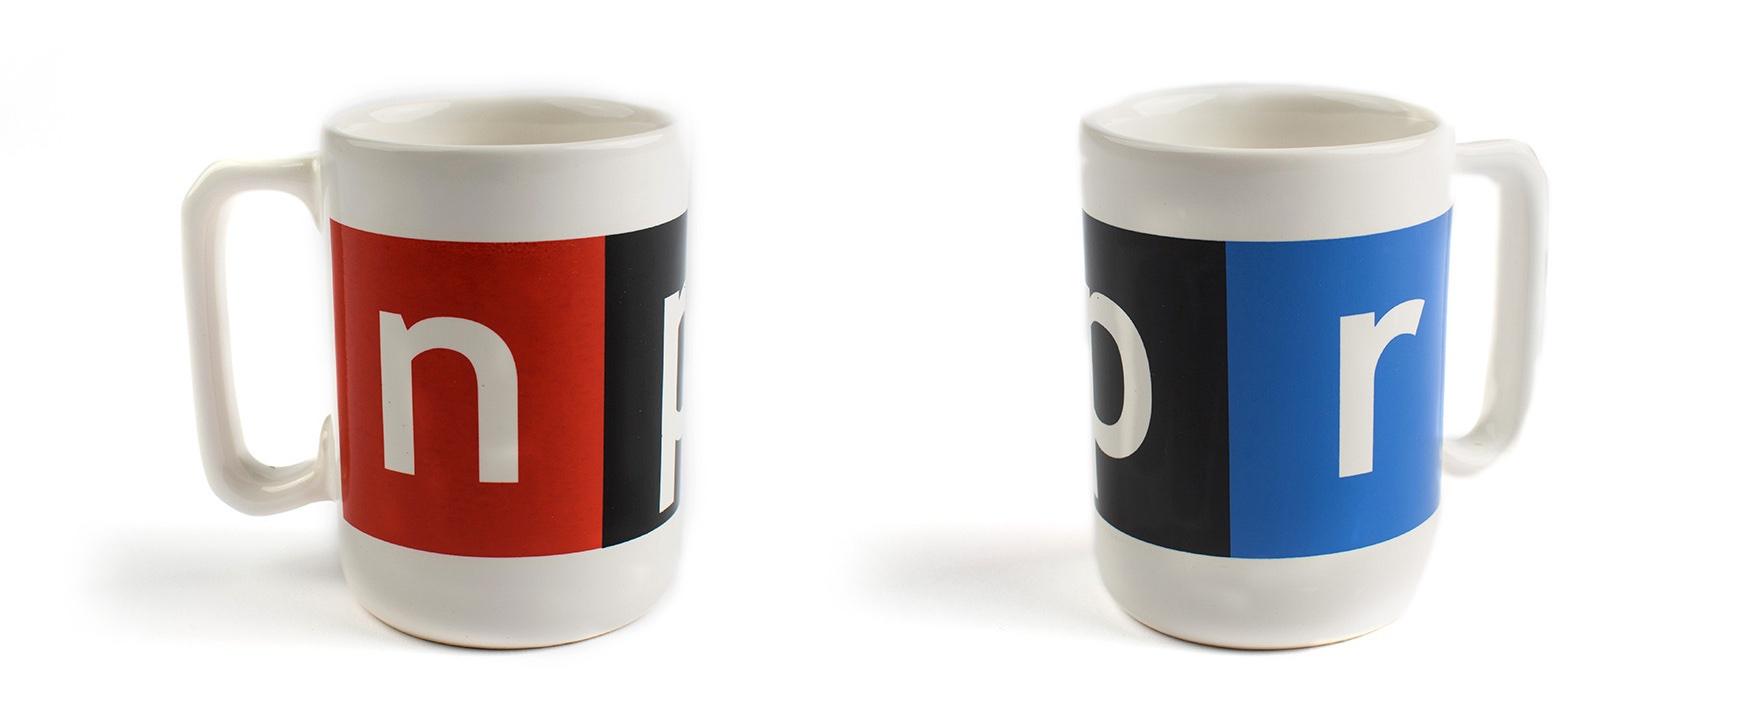 npr-mug-composite